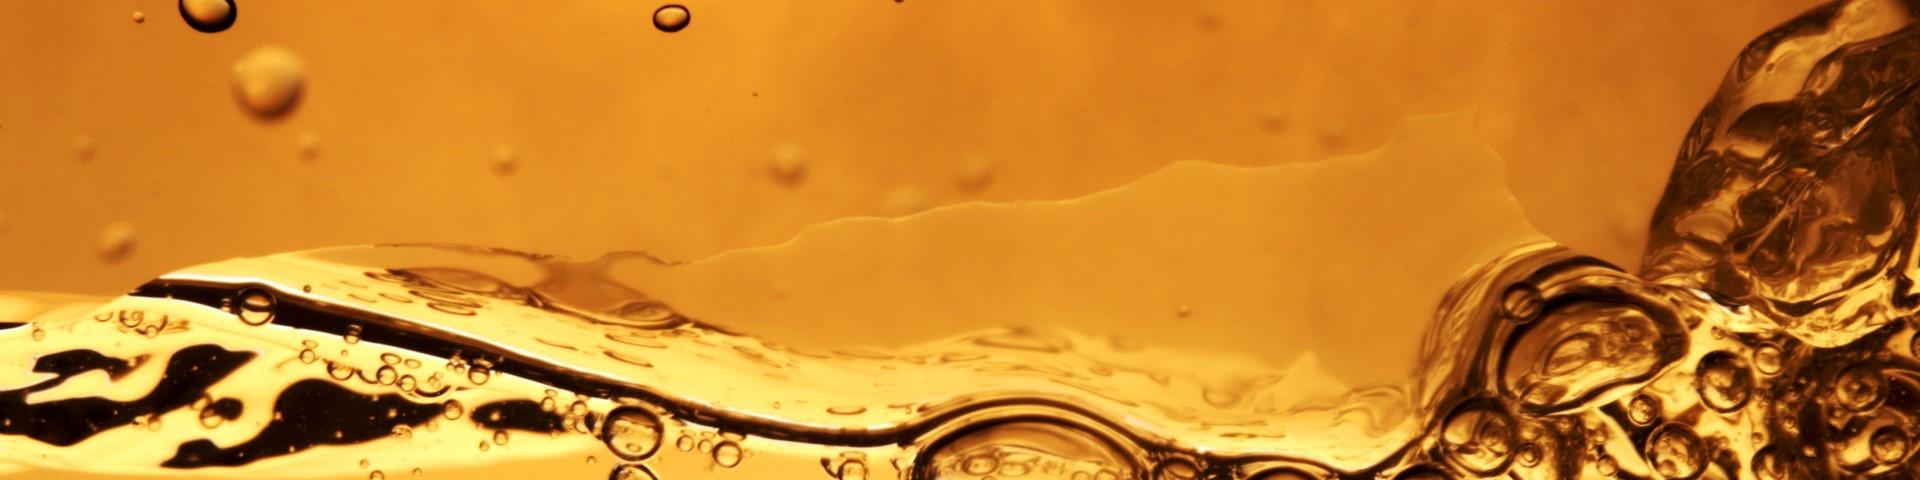 oil drops bubbles close up 1920x480